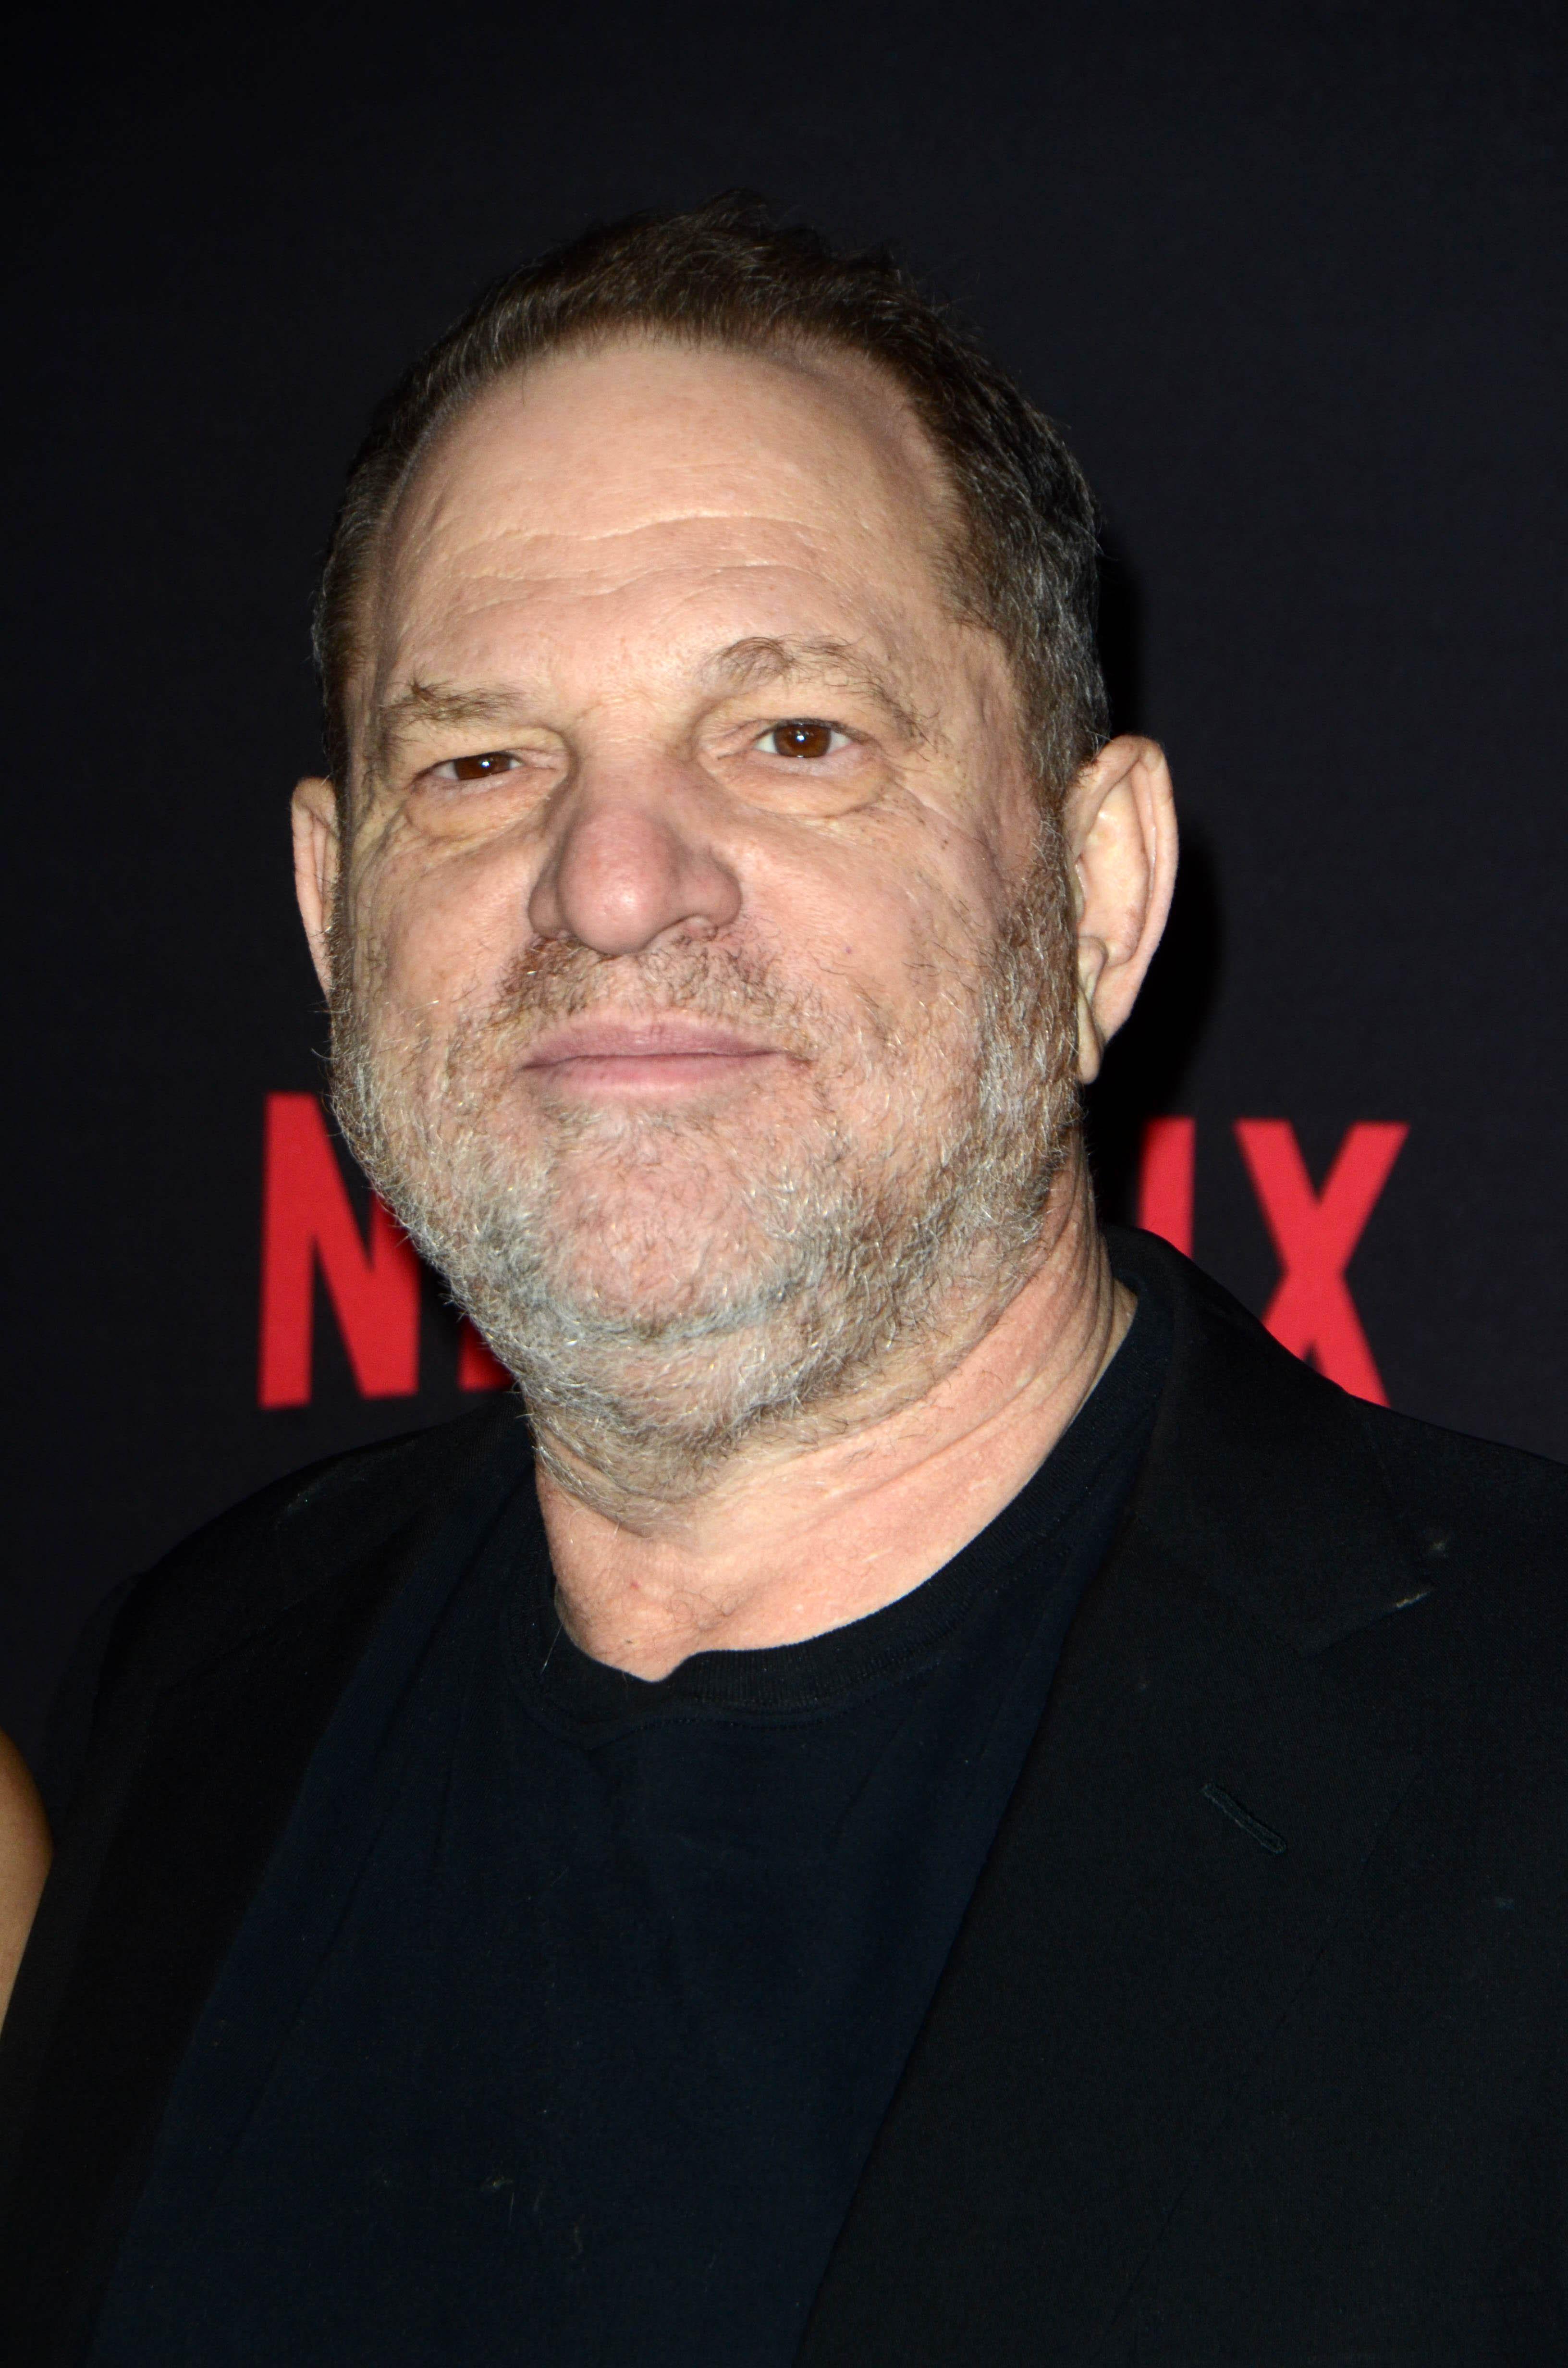 Znany producent filmowy OSKARŻONY o molestowanie! Pojawiły się nowe zeznania